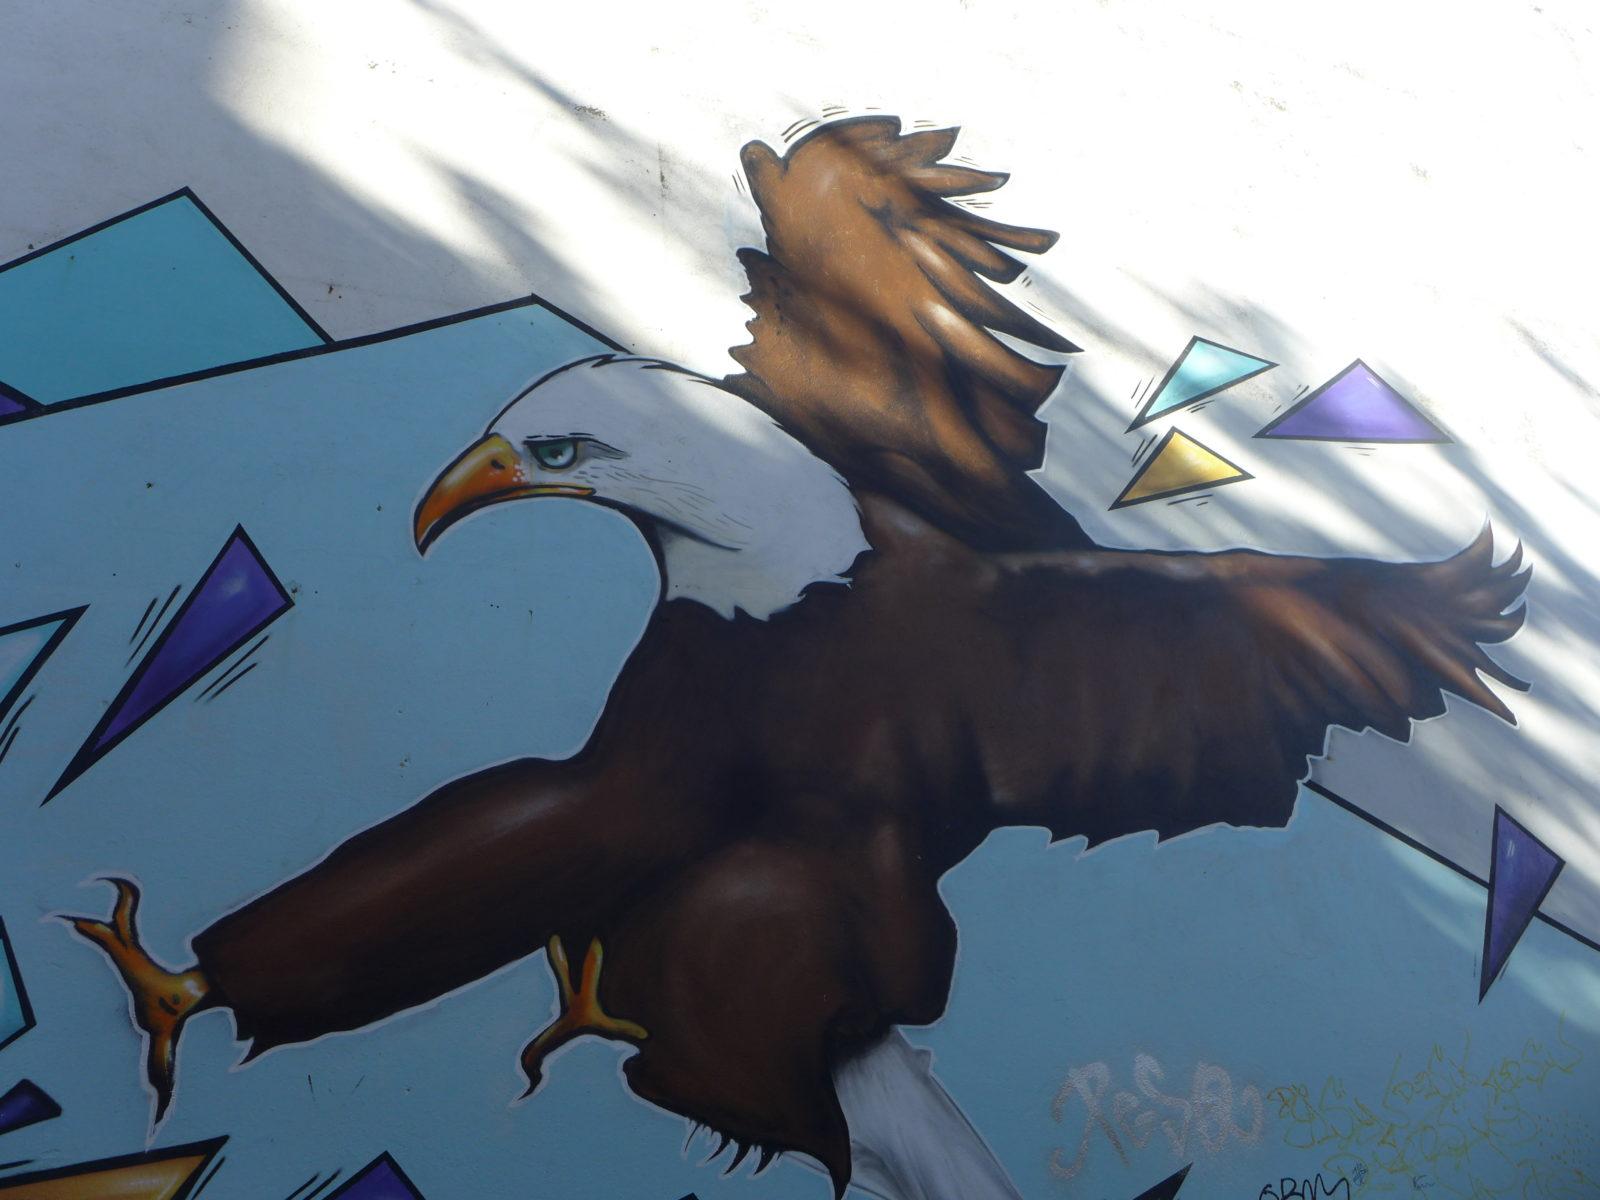 selur street art islande reykjavik aigle - Focus sur Reykjavik : la capitale de l'Islande s'ouvre au street art !